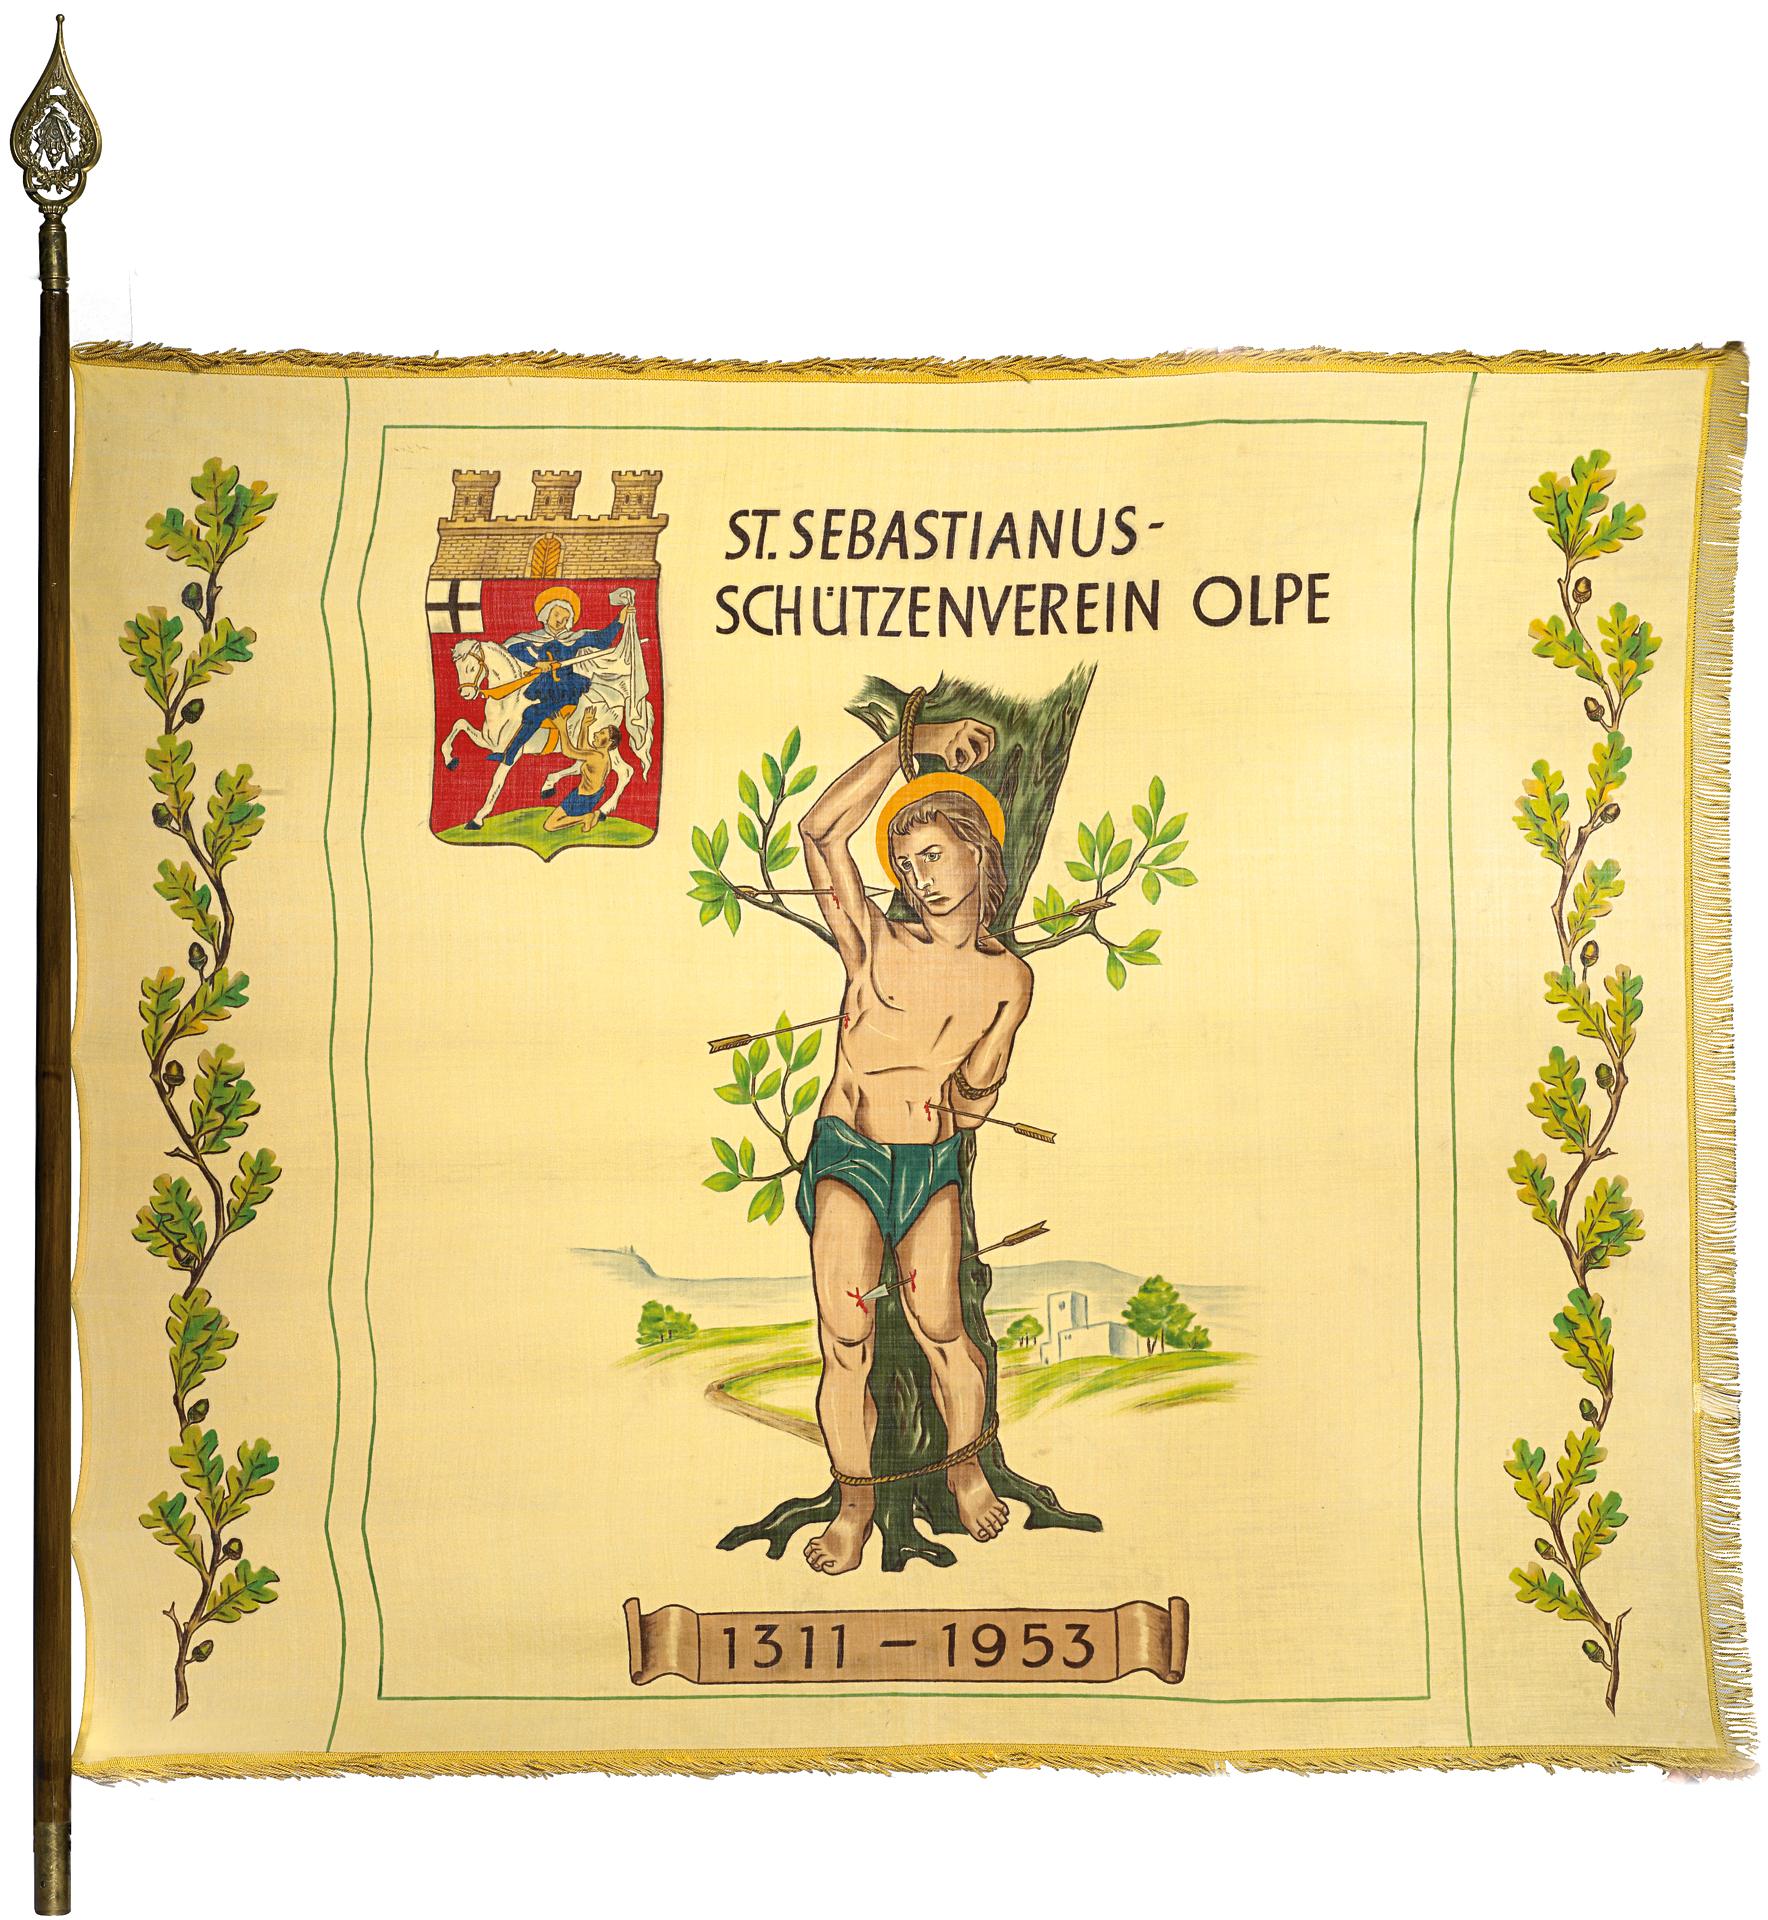 Schützenverein-Olpe-Fahne-1953